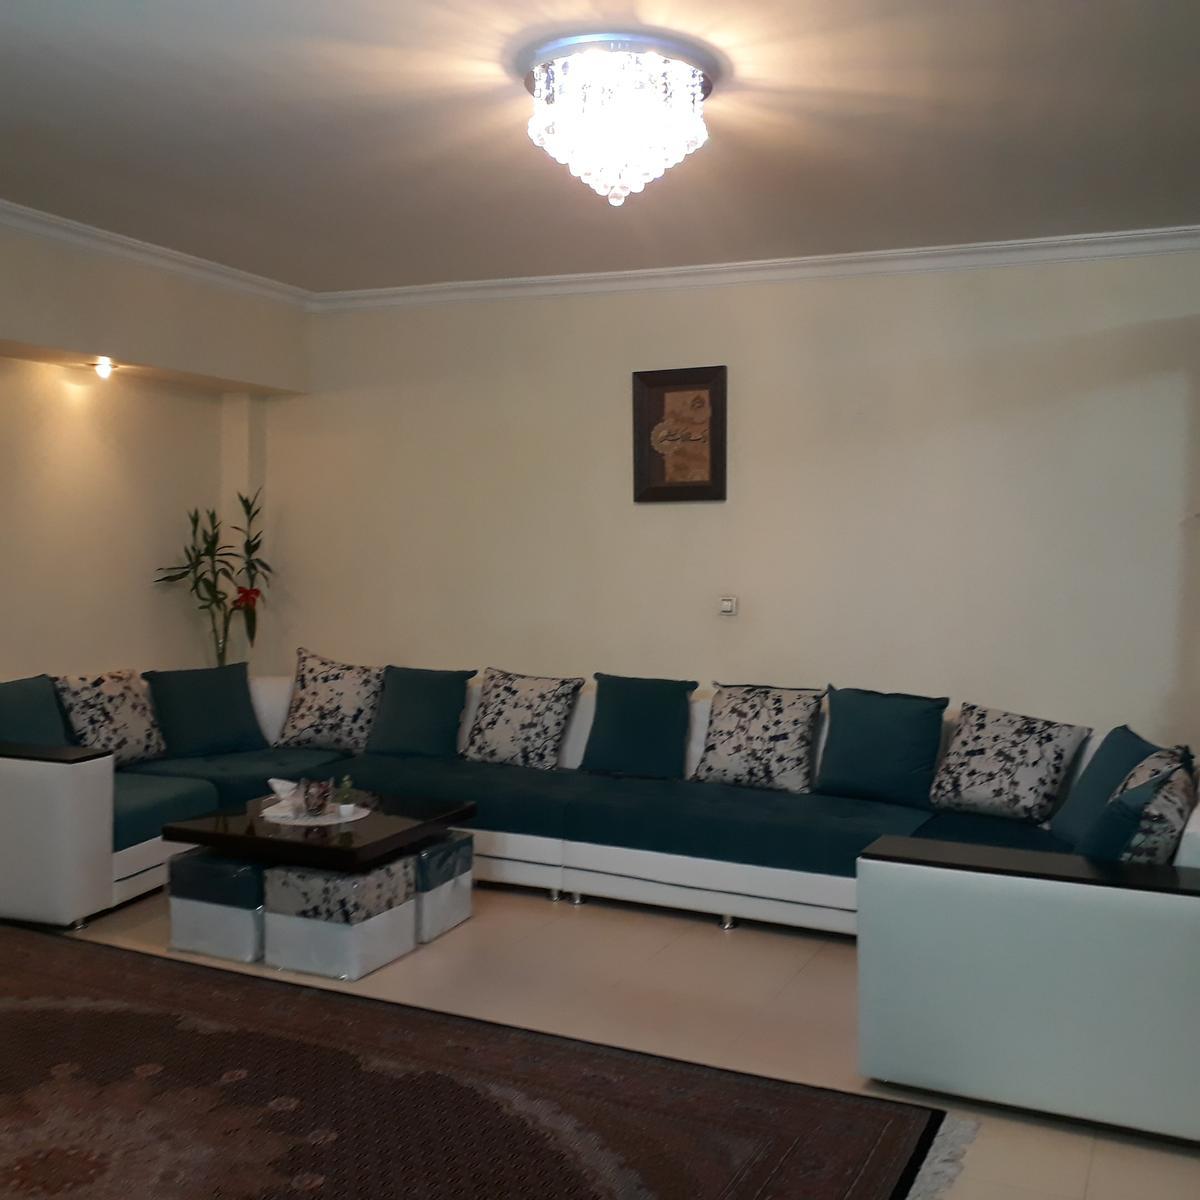 خانه مبله اجاره ای در تهران UZ8794 | ارازن جا